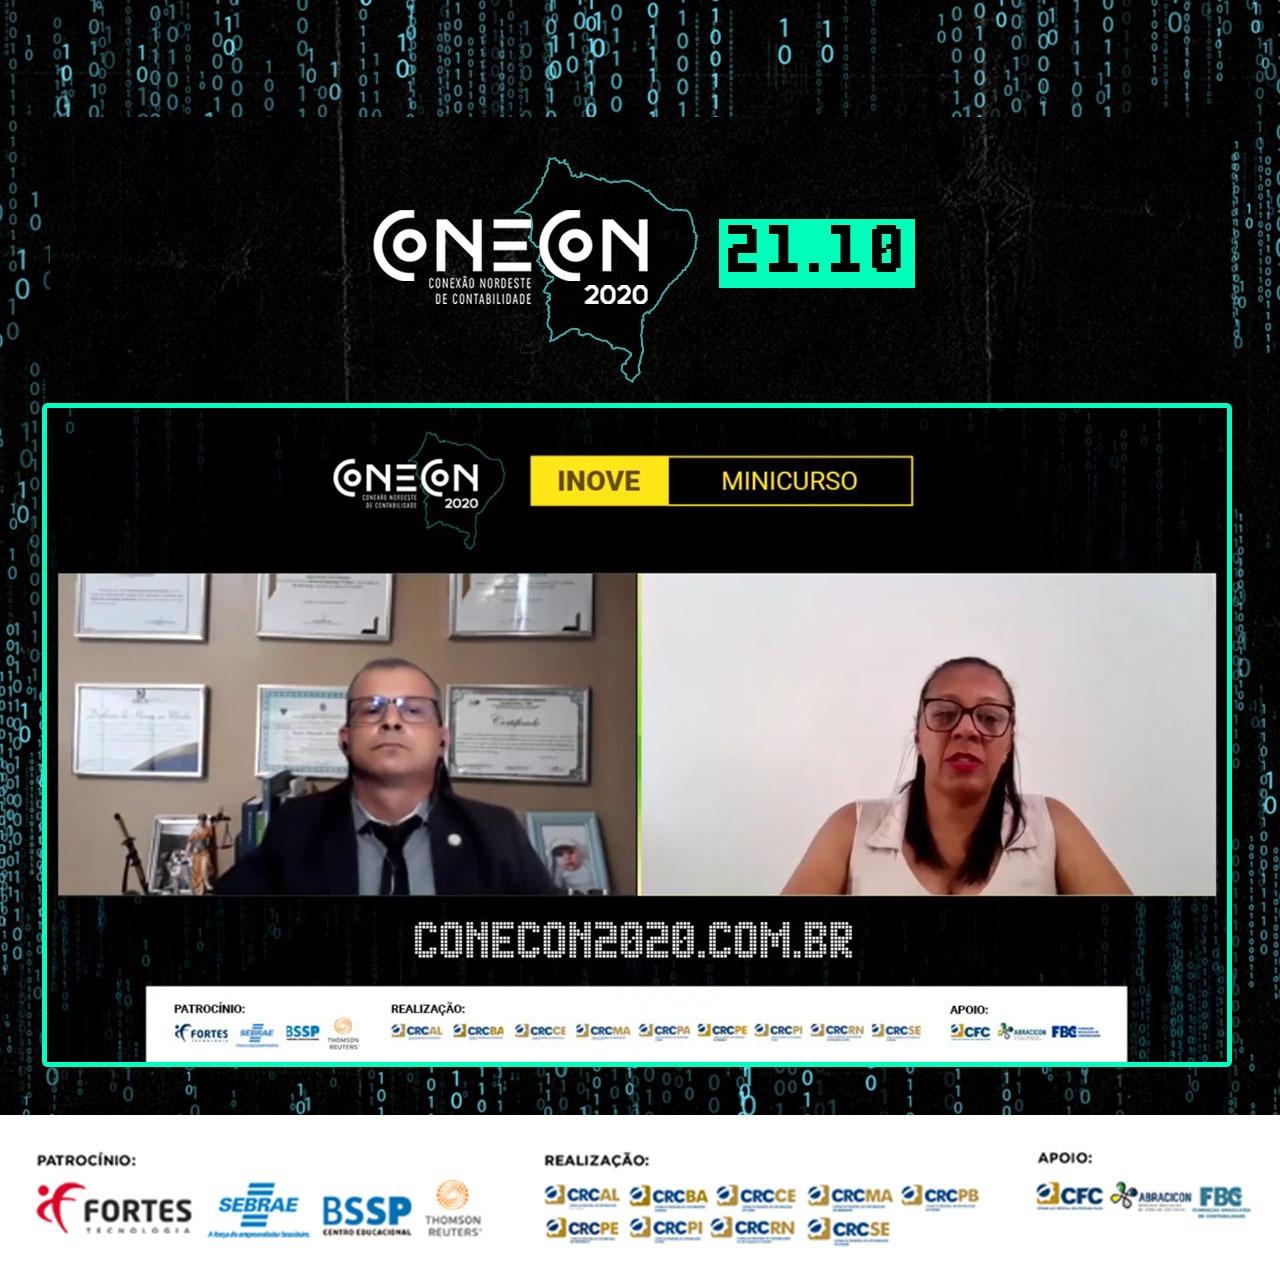 """Trilha Inove: Minicurso """"Impactos das Verbas e suas incidências no setor pessoal"""" abre a programação da Conecon"""